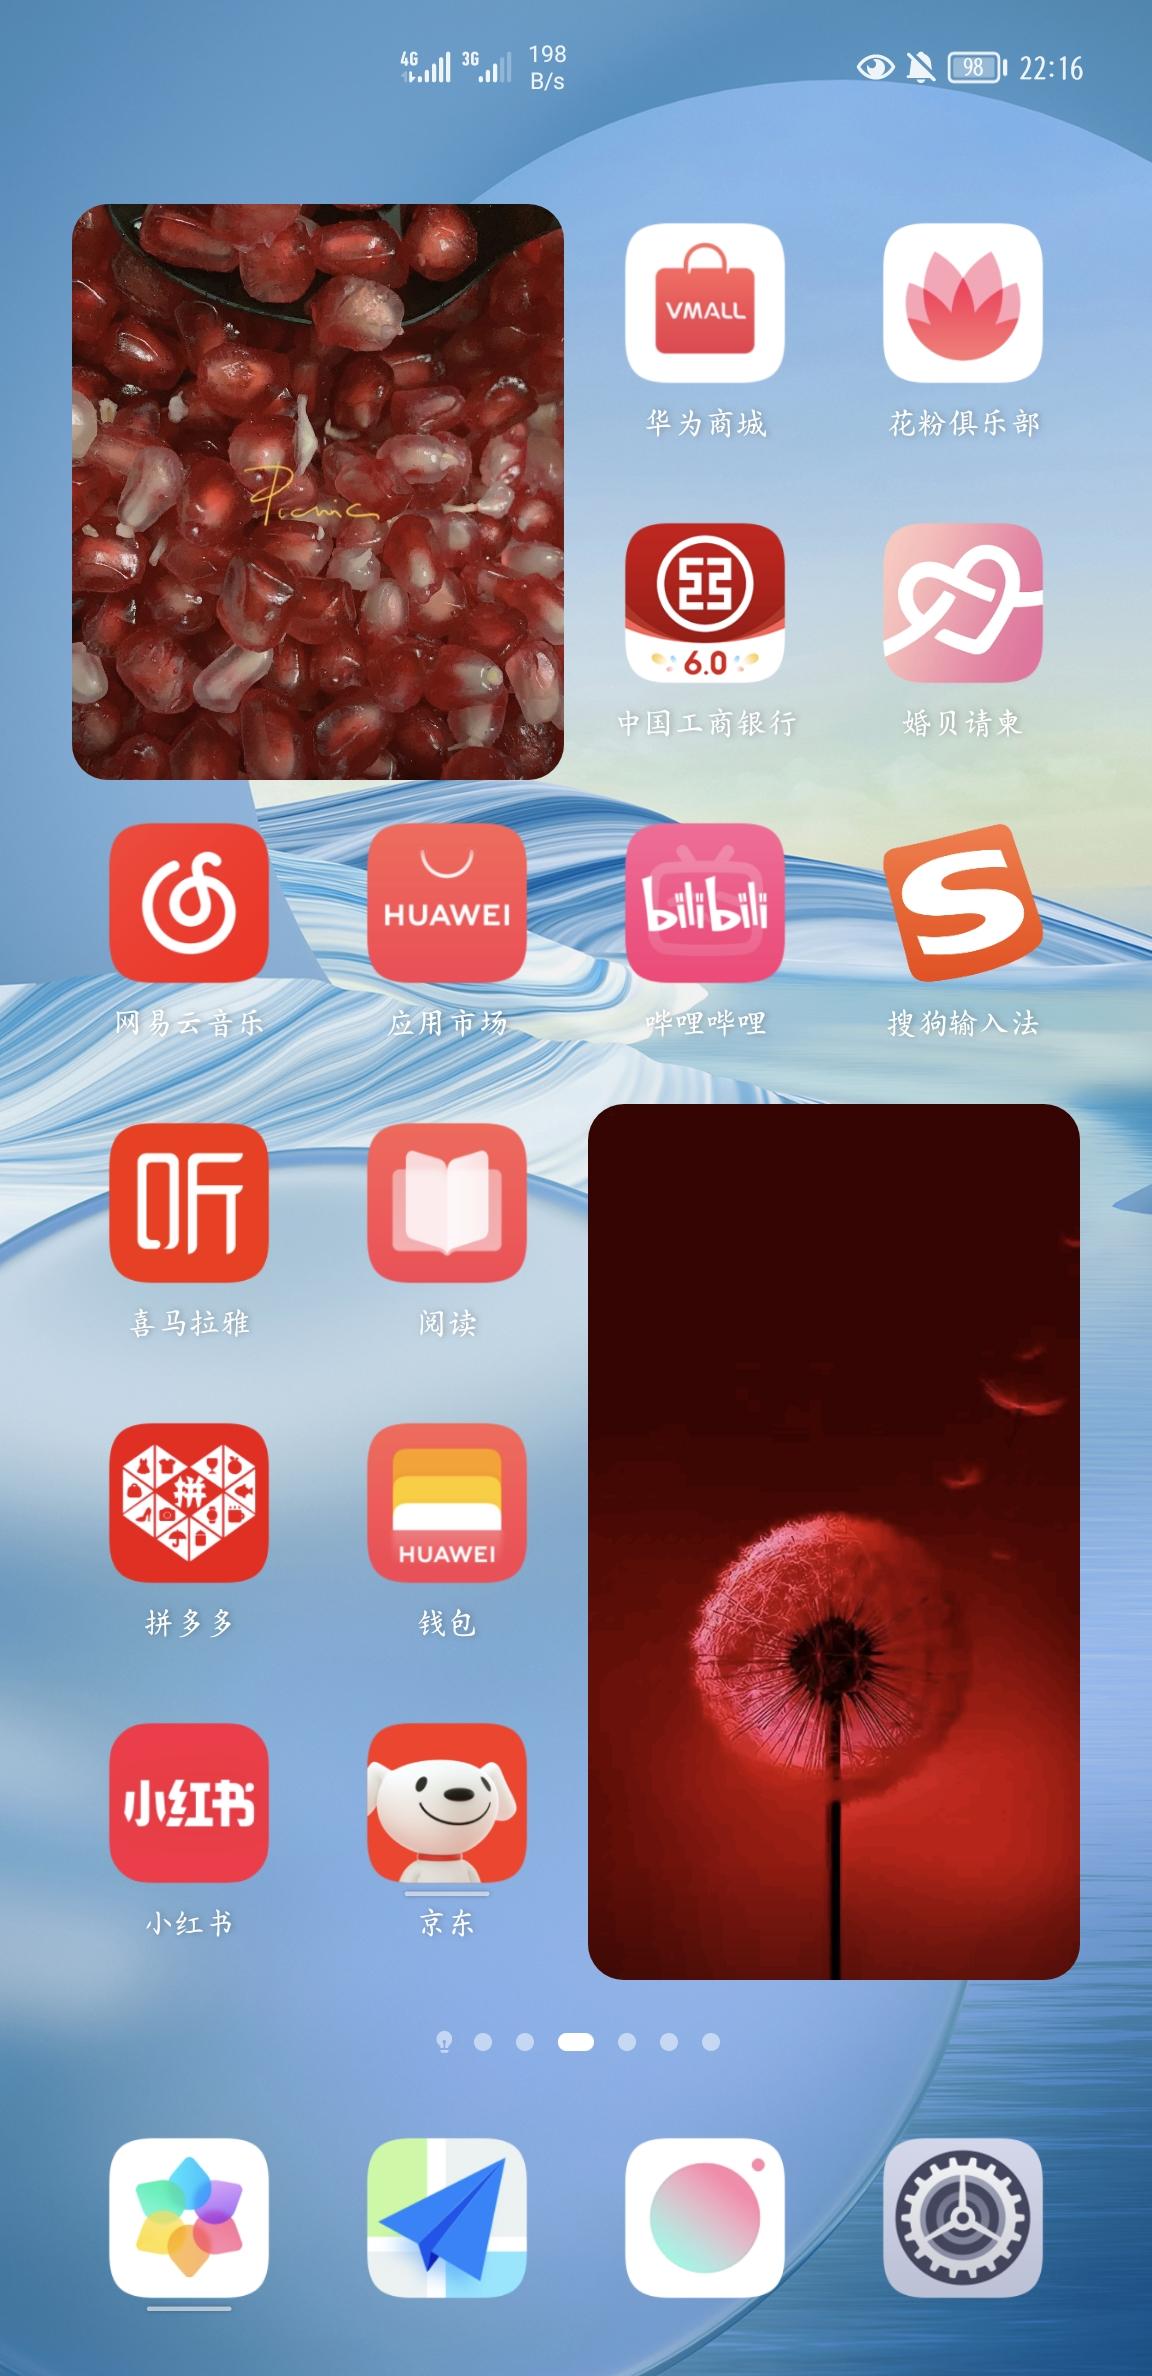 Screenshot_20210915_221654_com.huawei.android.launcher.jpg